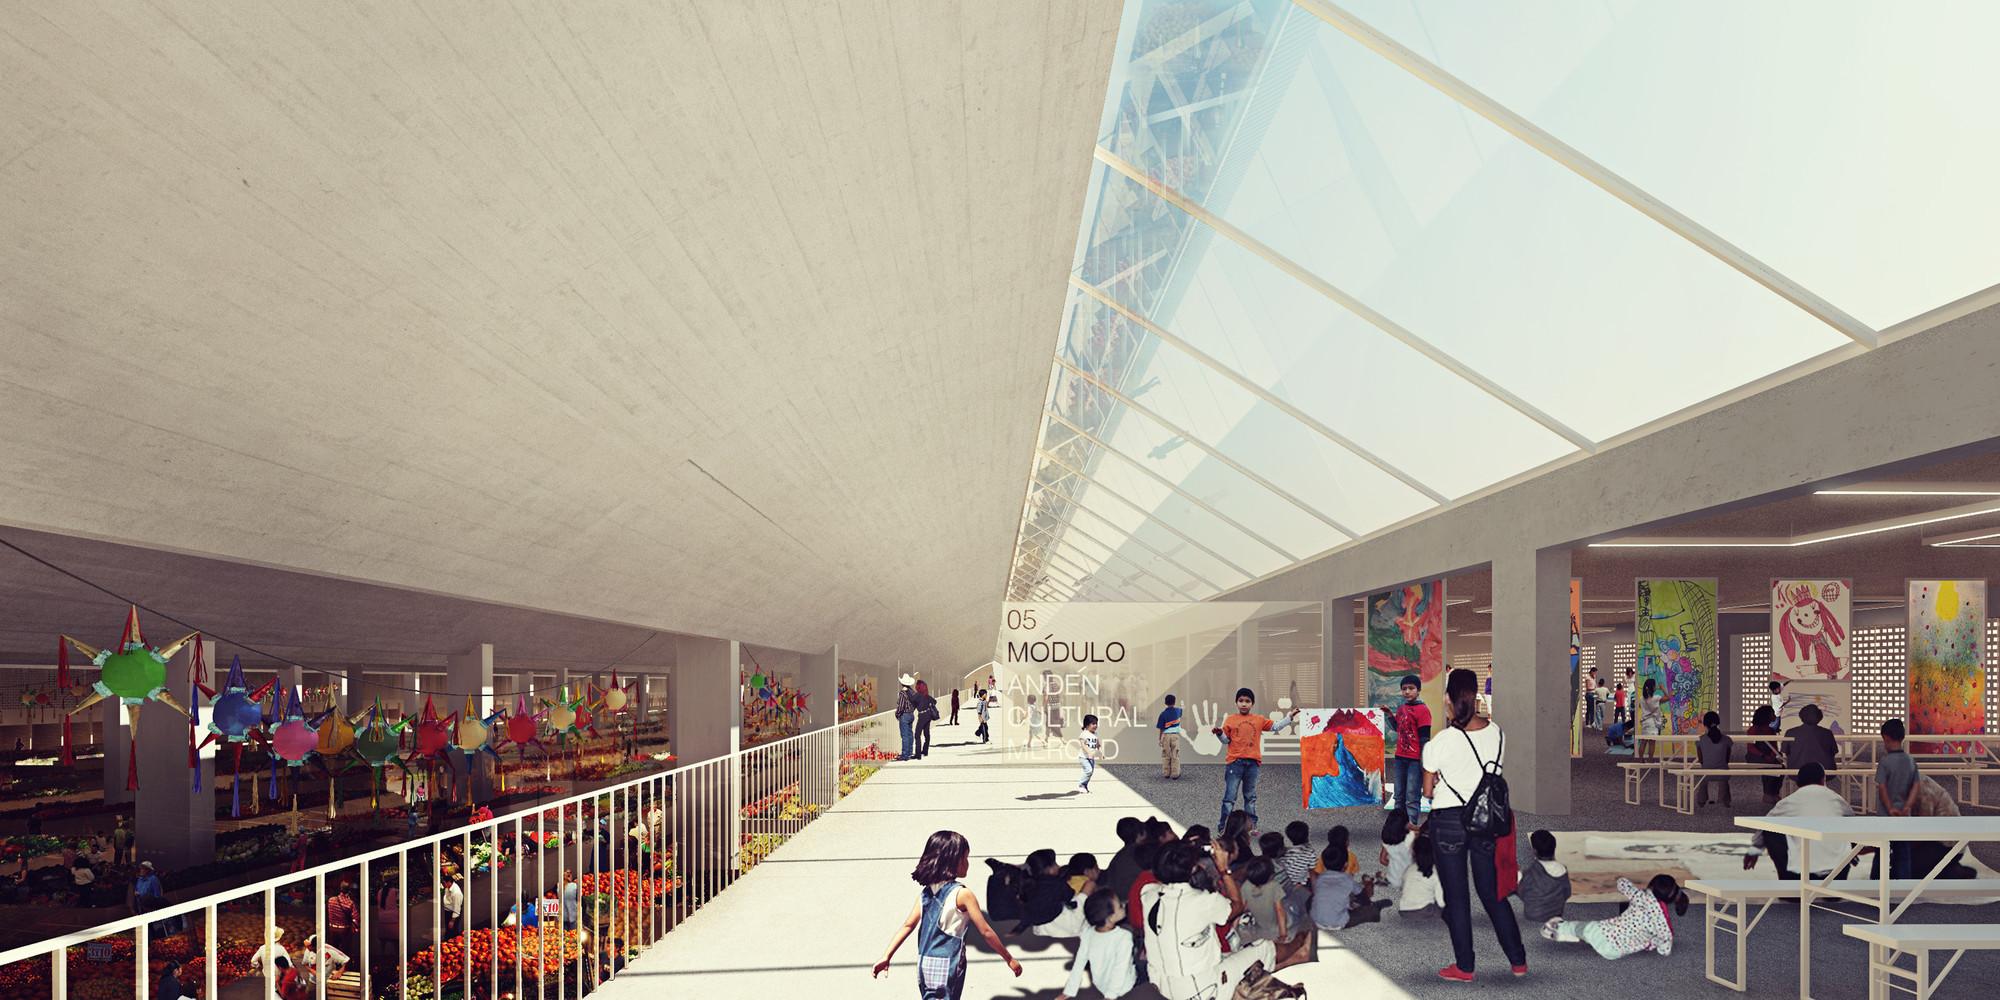 Vista andén cultural. Image Courtesy of José Muñoz Villers y Carlos Marín